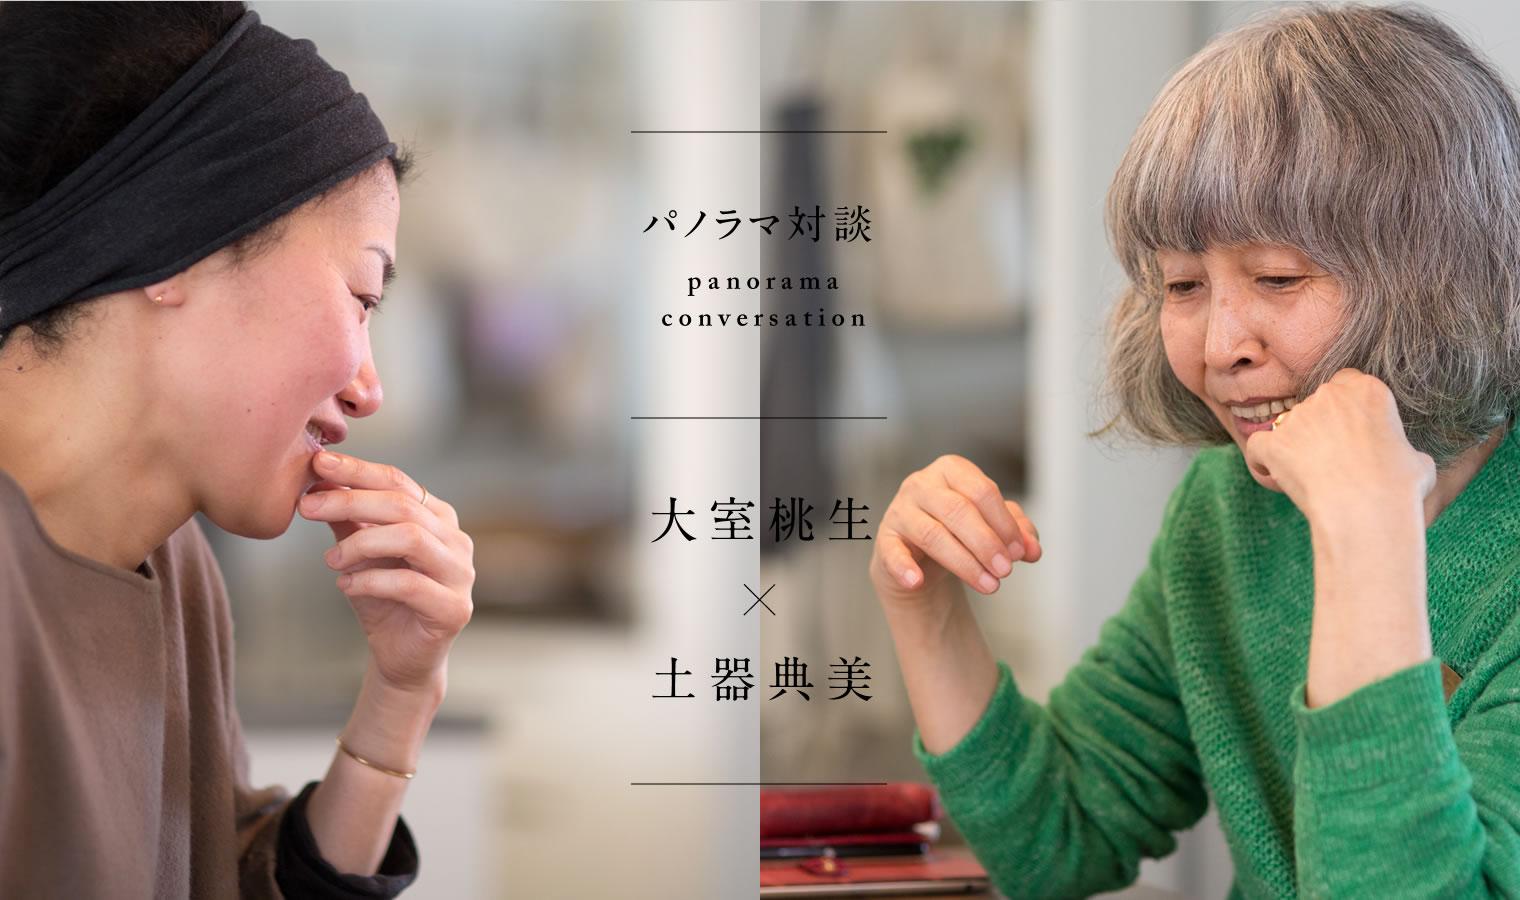 パノラマインタビュー:大室桃生